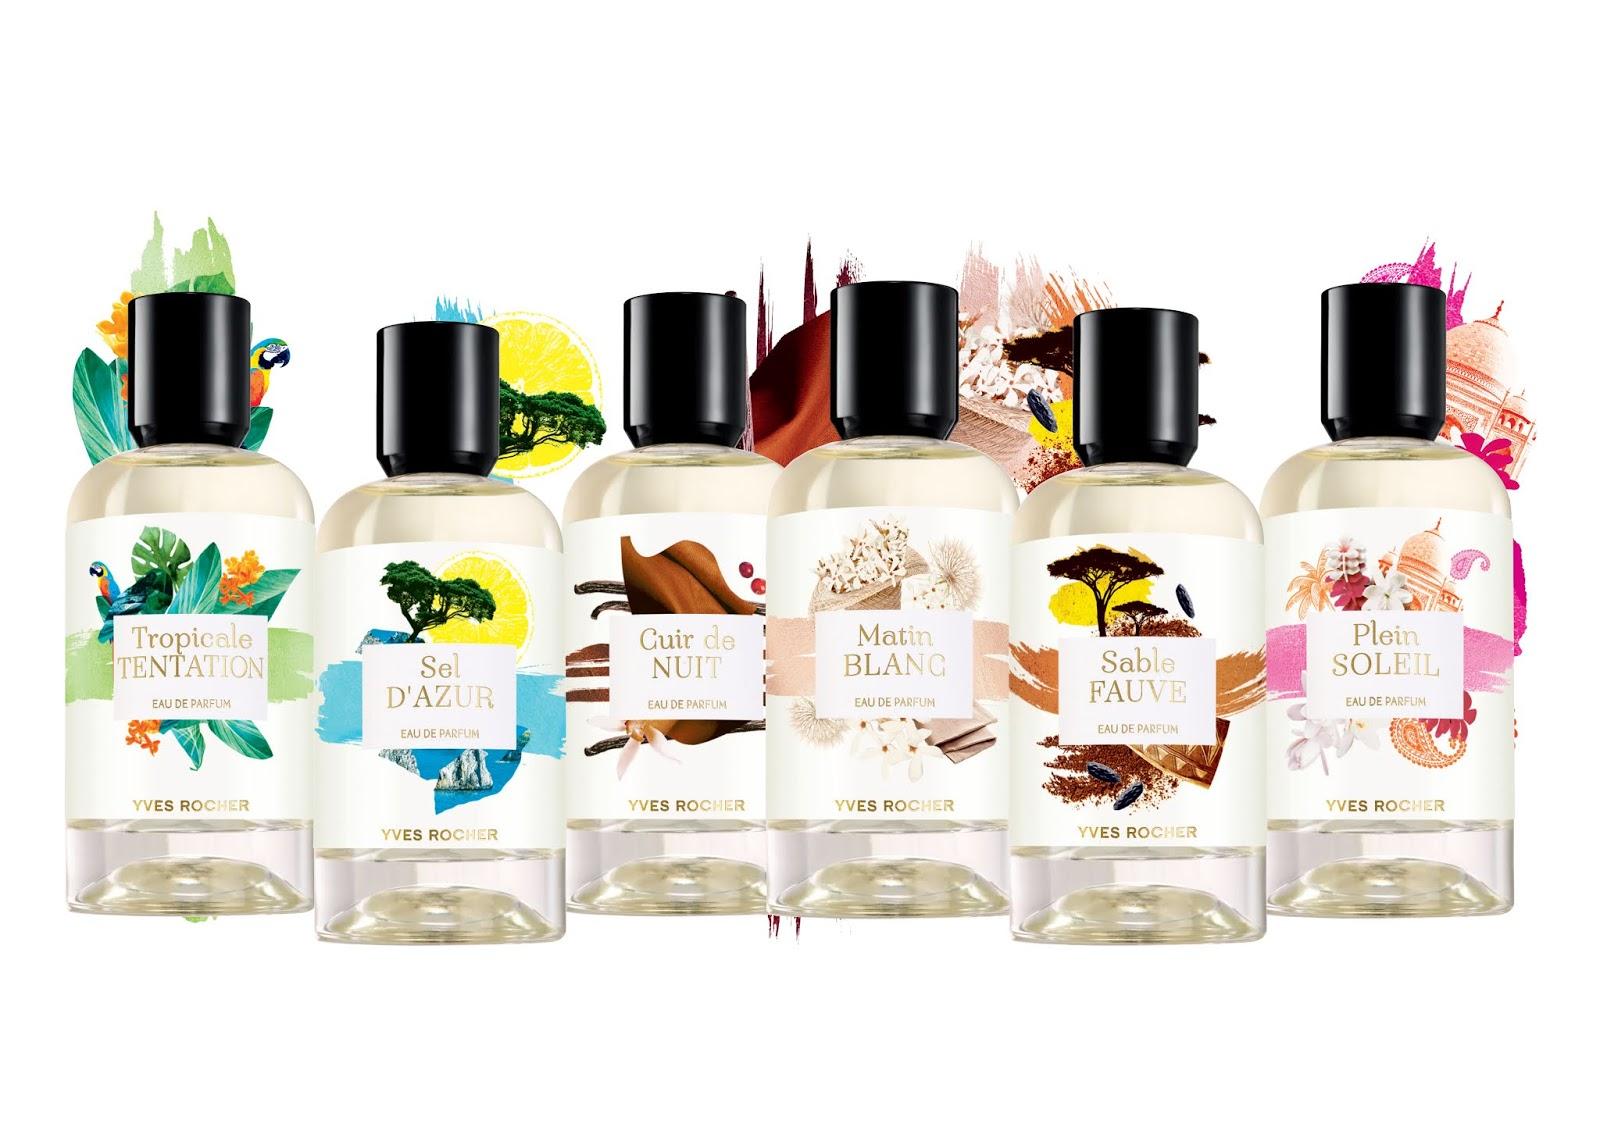 Yves Rocher One Collection Eau de Parfum - Info, recensione, review, opinioni, prezzo, dove acquistare